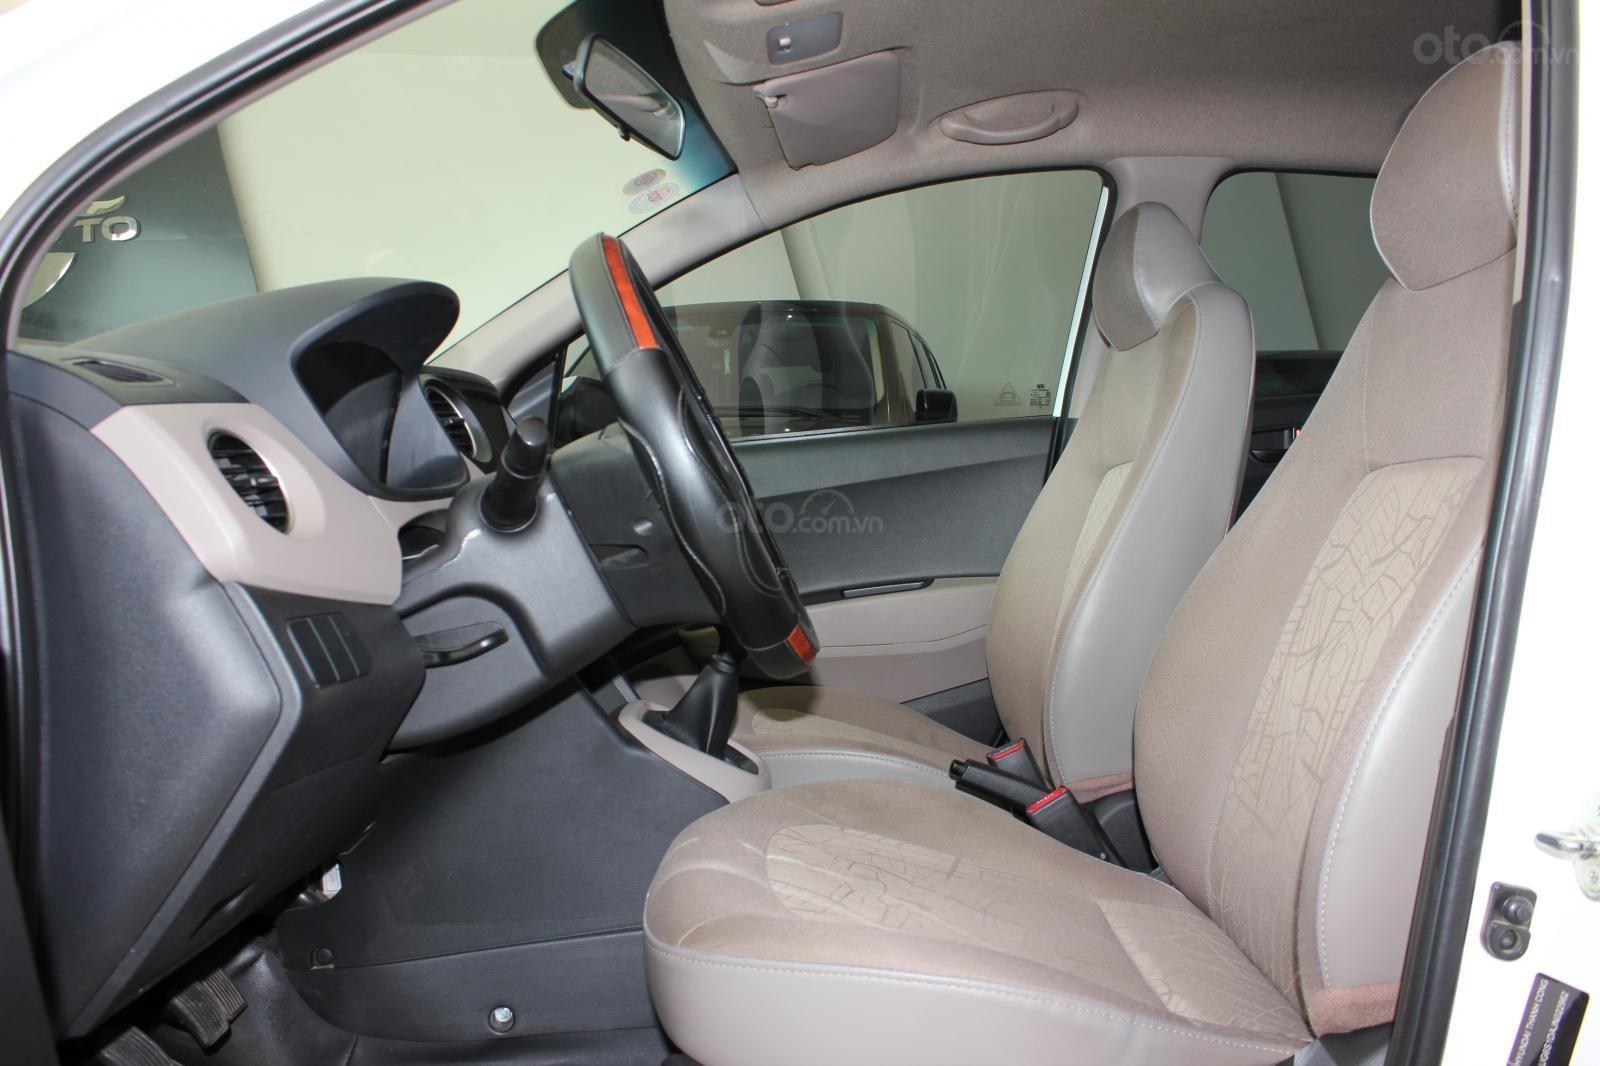 Cần bán xe Hyundai Grand i10 1.2 MT, năm 2018, màu trắng, giá 335tr (9)